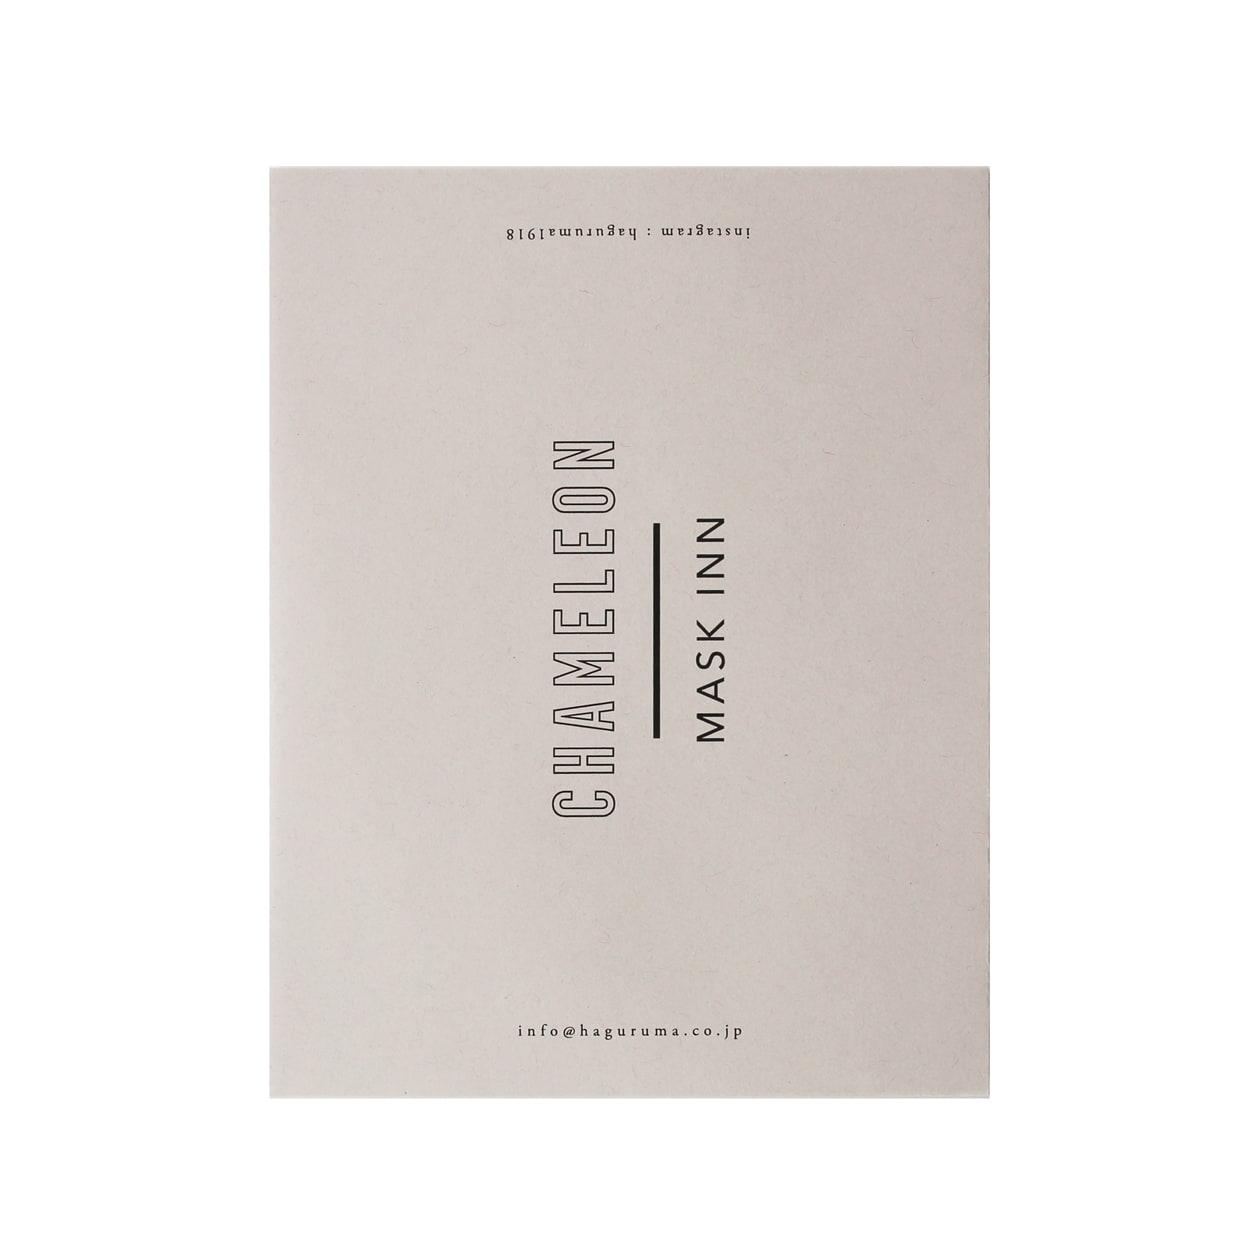 サンプル 封筒・袋 00157